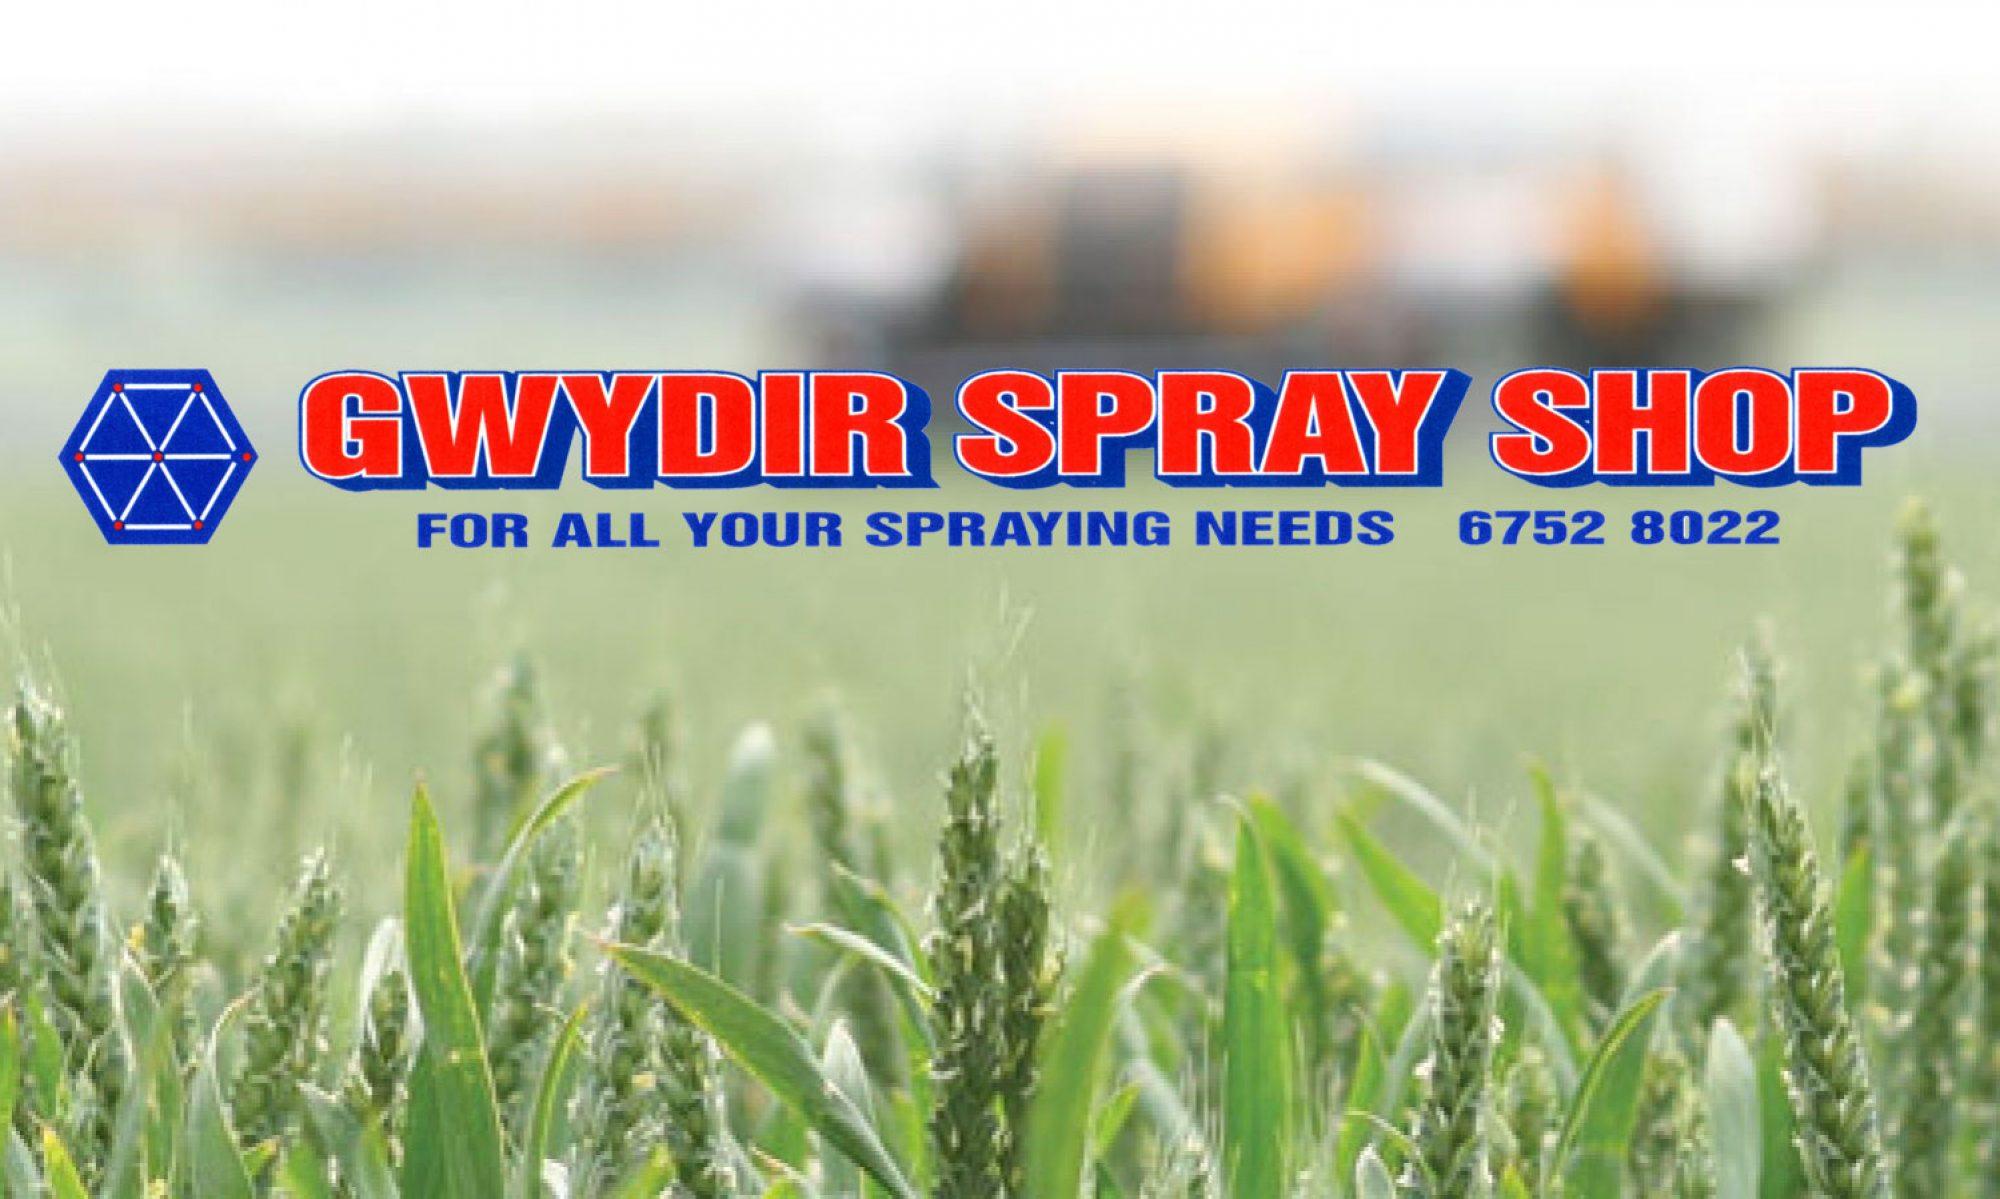 Gwydir Spray Shop